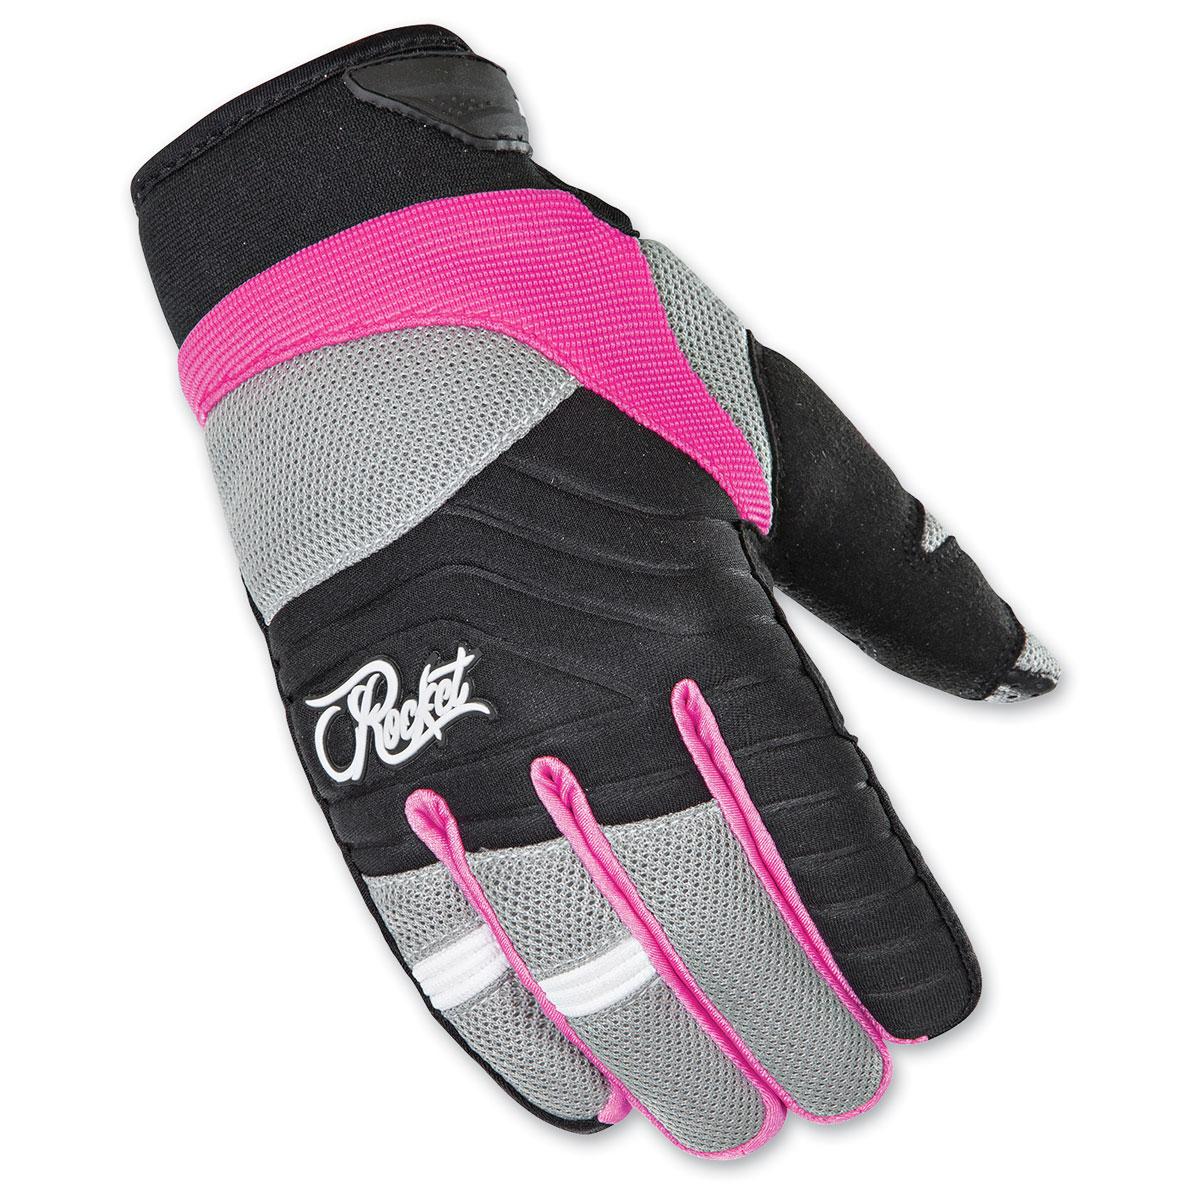 Joe Rocket Women's Big Bang 2.1 Pink/Black Gloves